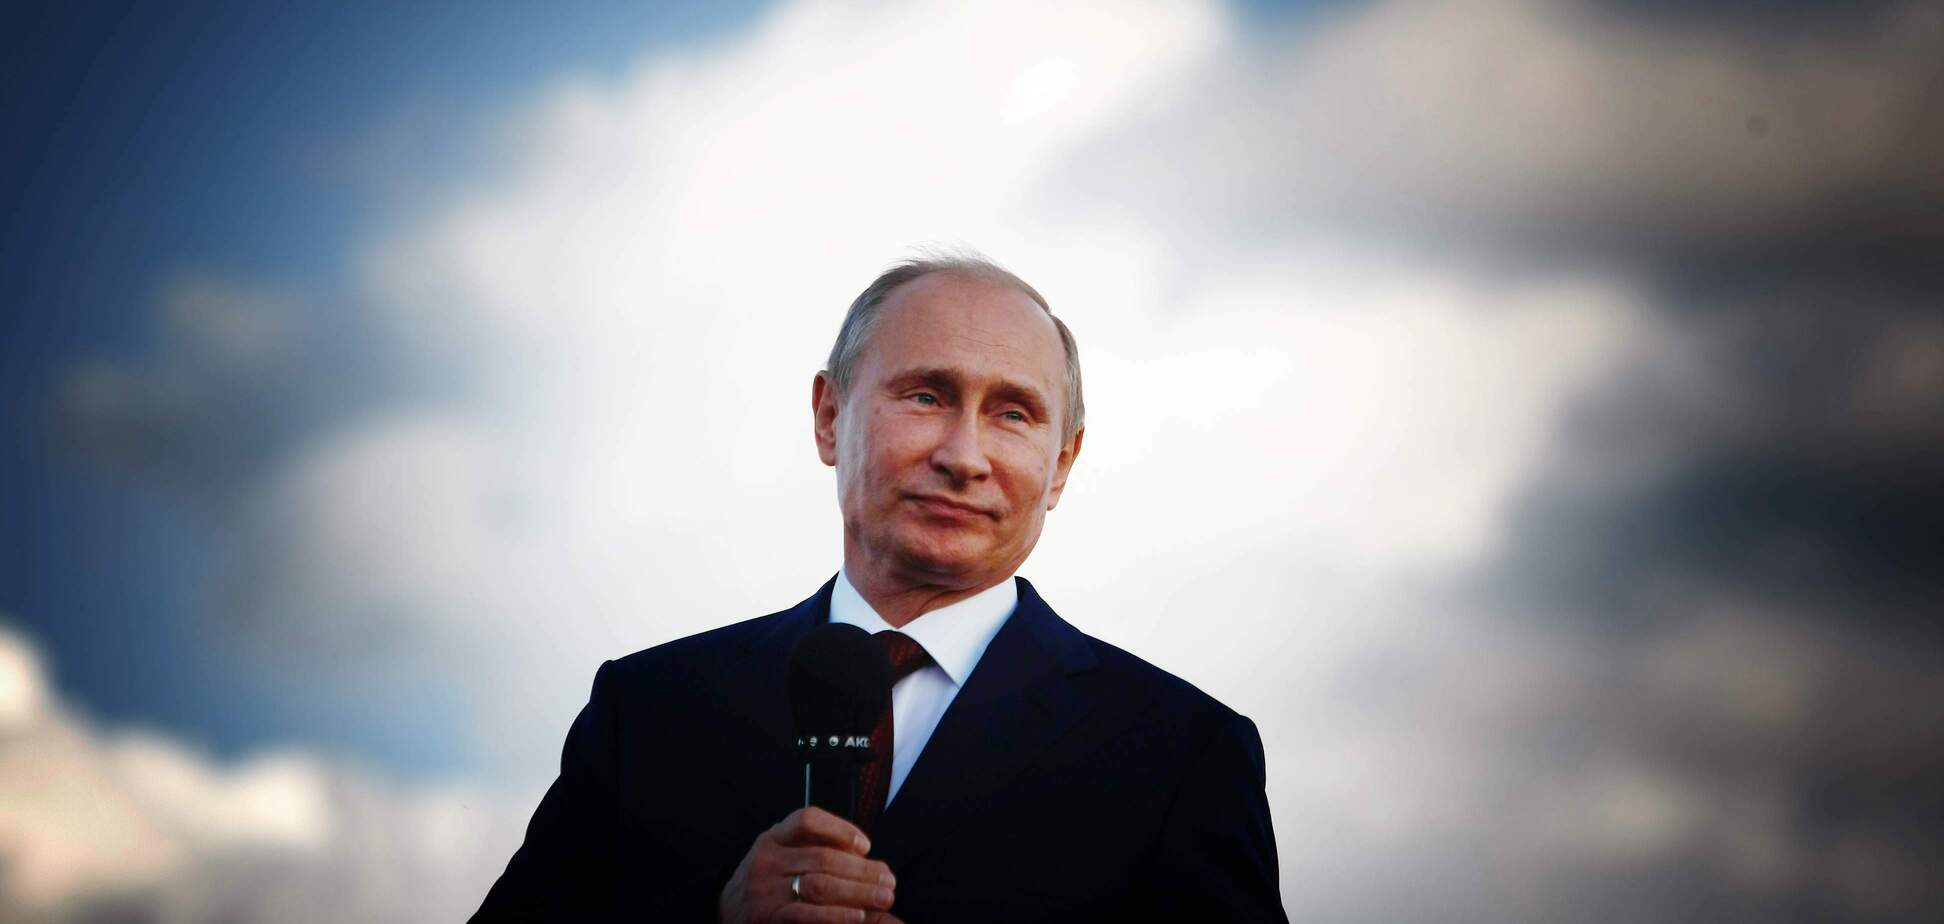 'Всех собак вешаем лично на Путина': Голышев пояснил, какой будет месть за санкции